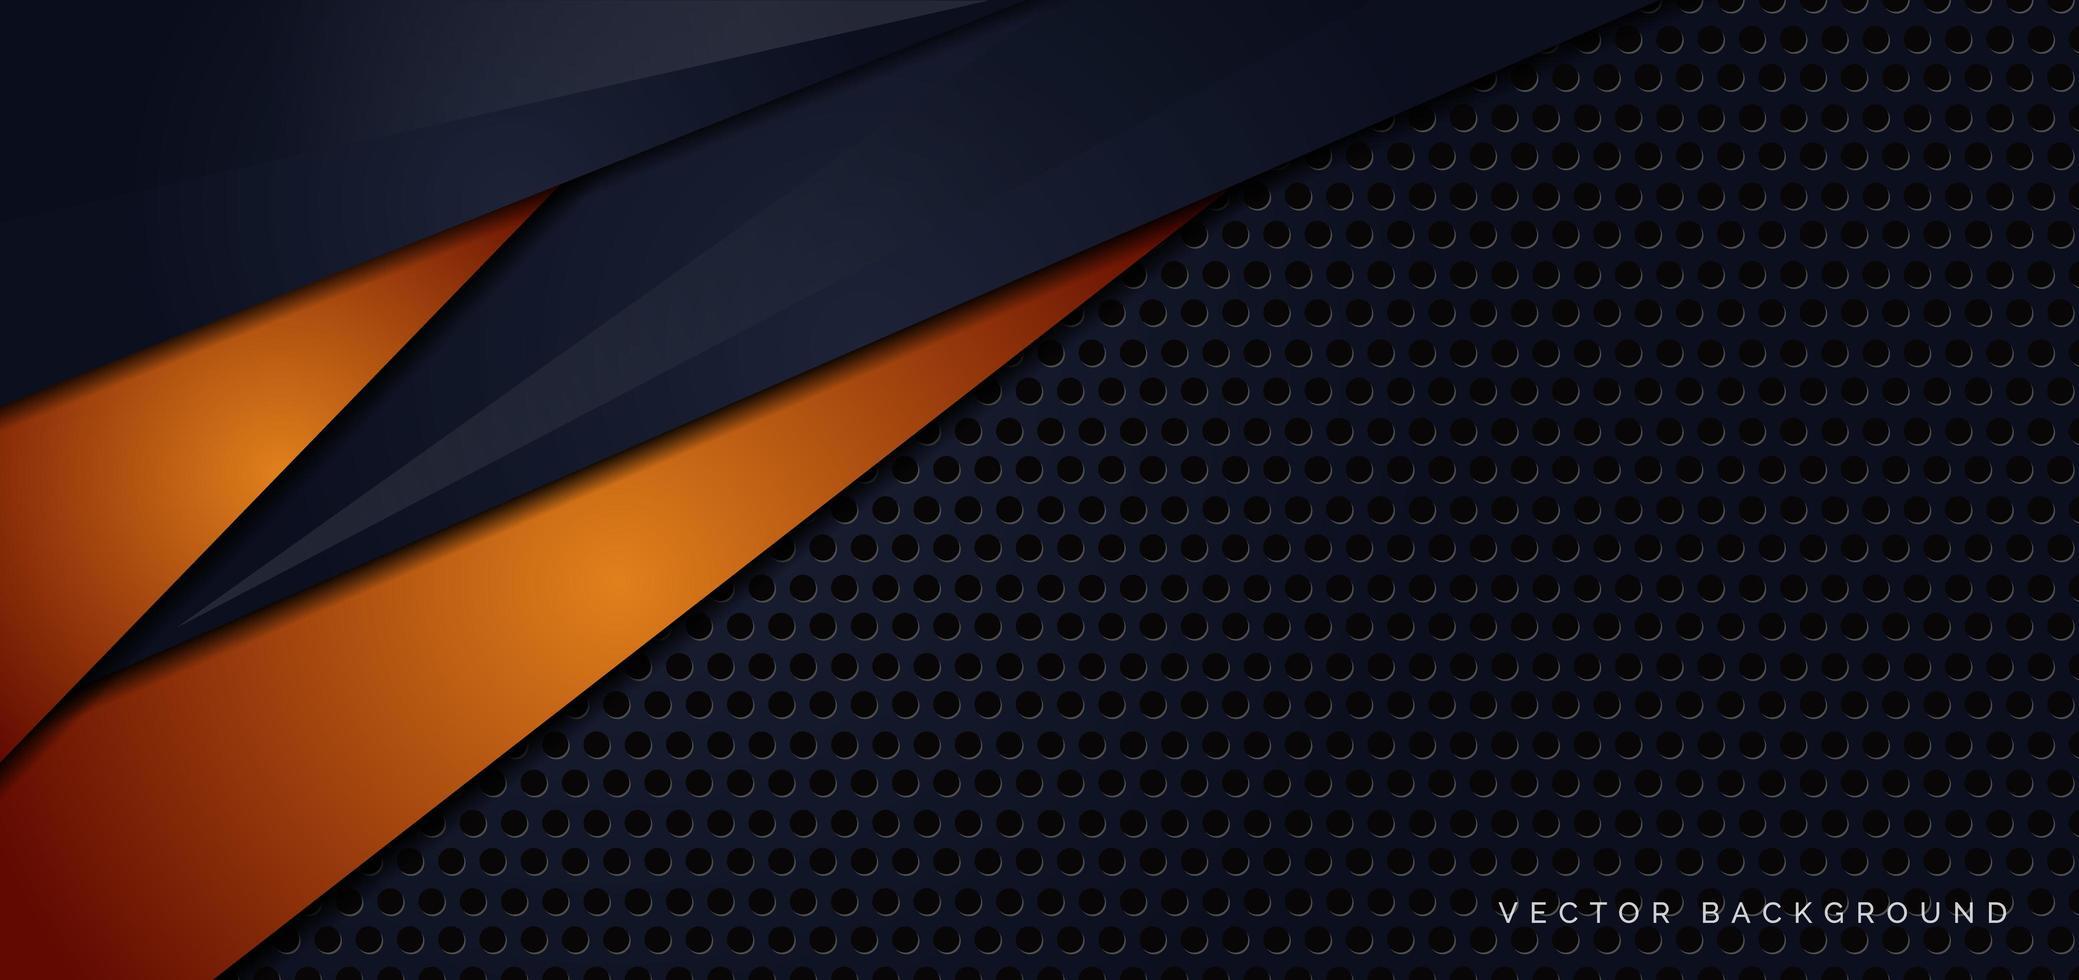 bannière avec modèle de fond de texture métallique vecteur